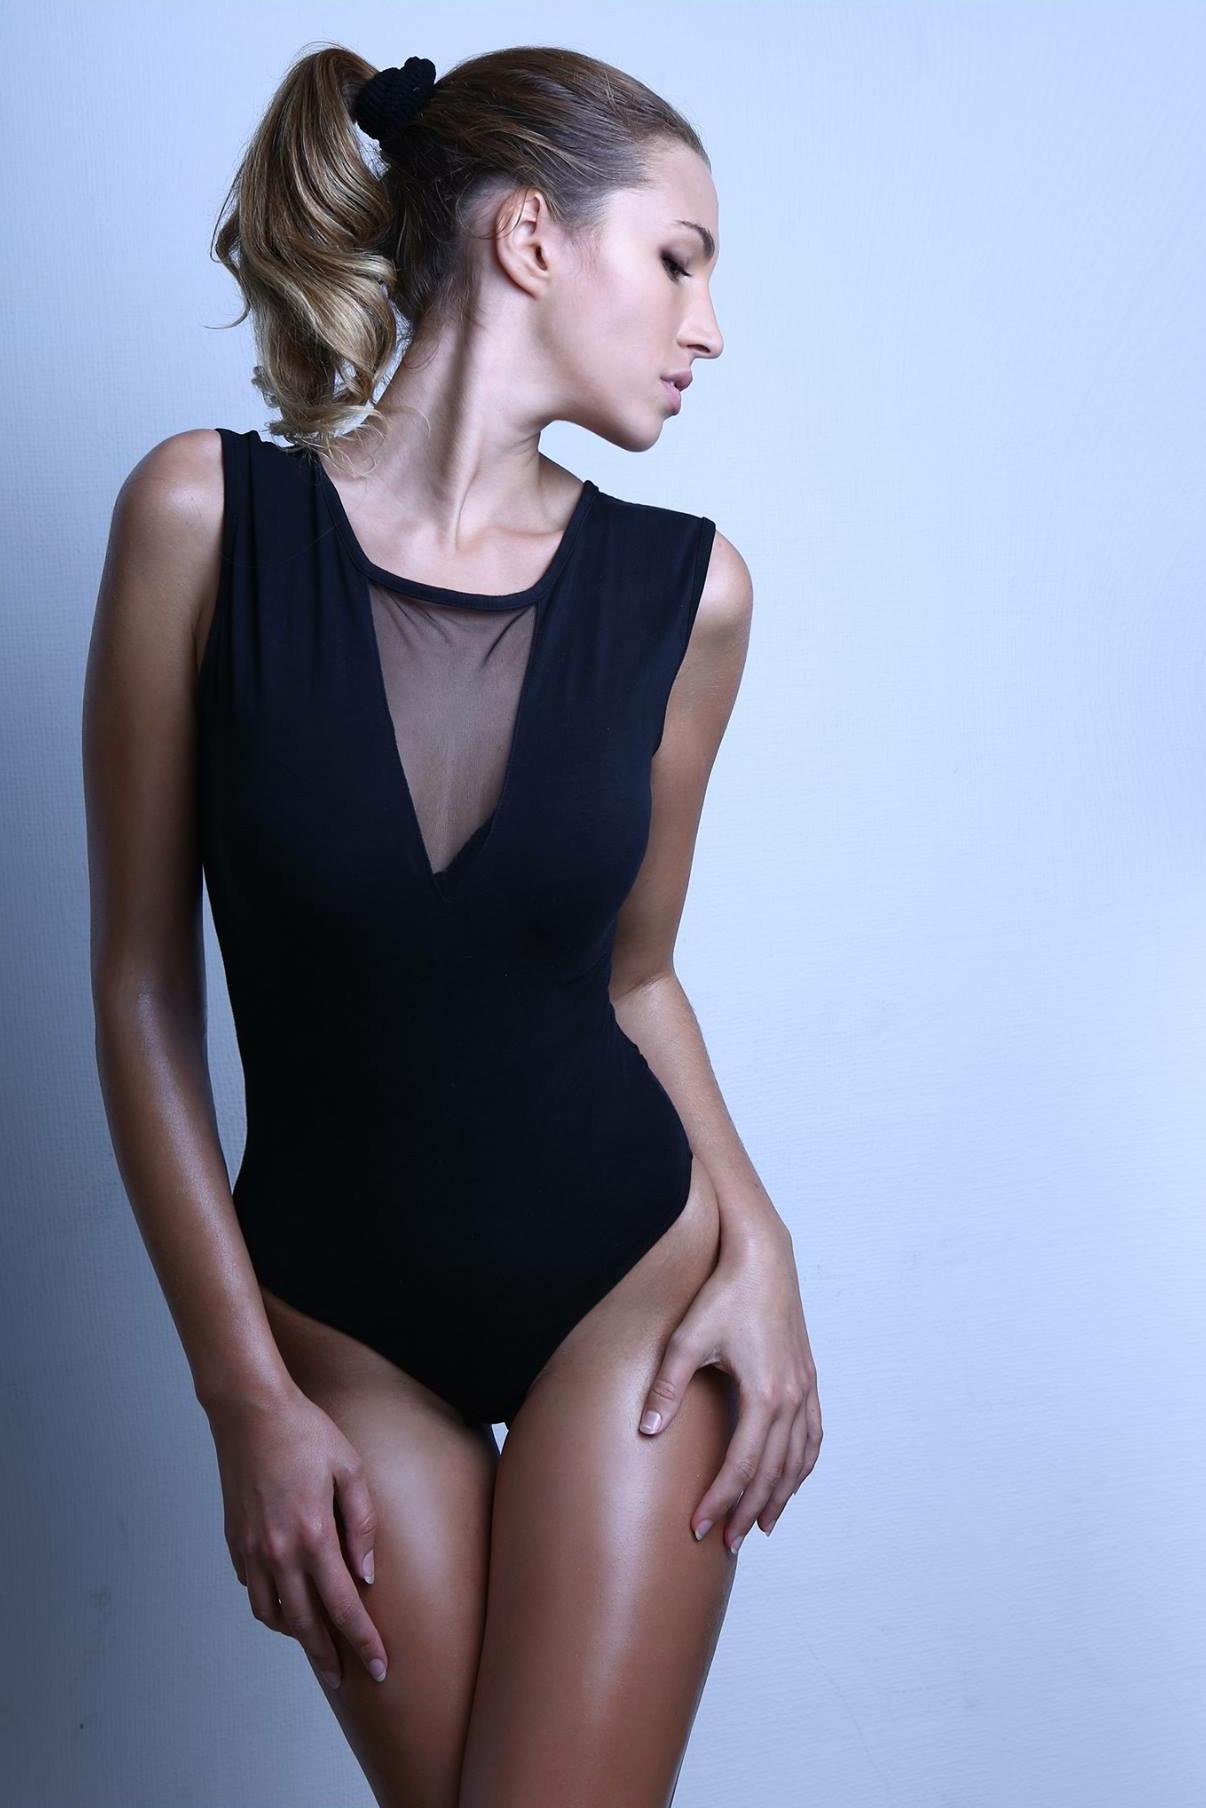 Creative-Models-Agenzia-di-Modelle-Brescia-Carlotta-07